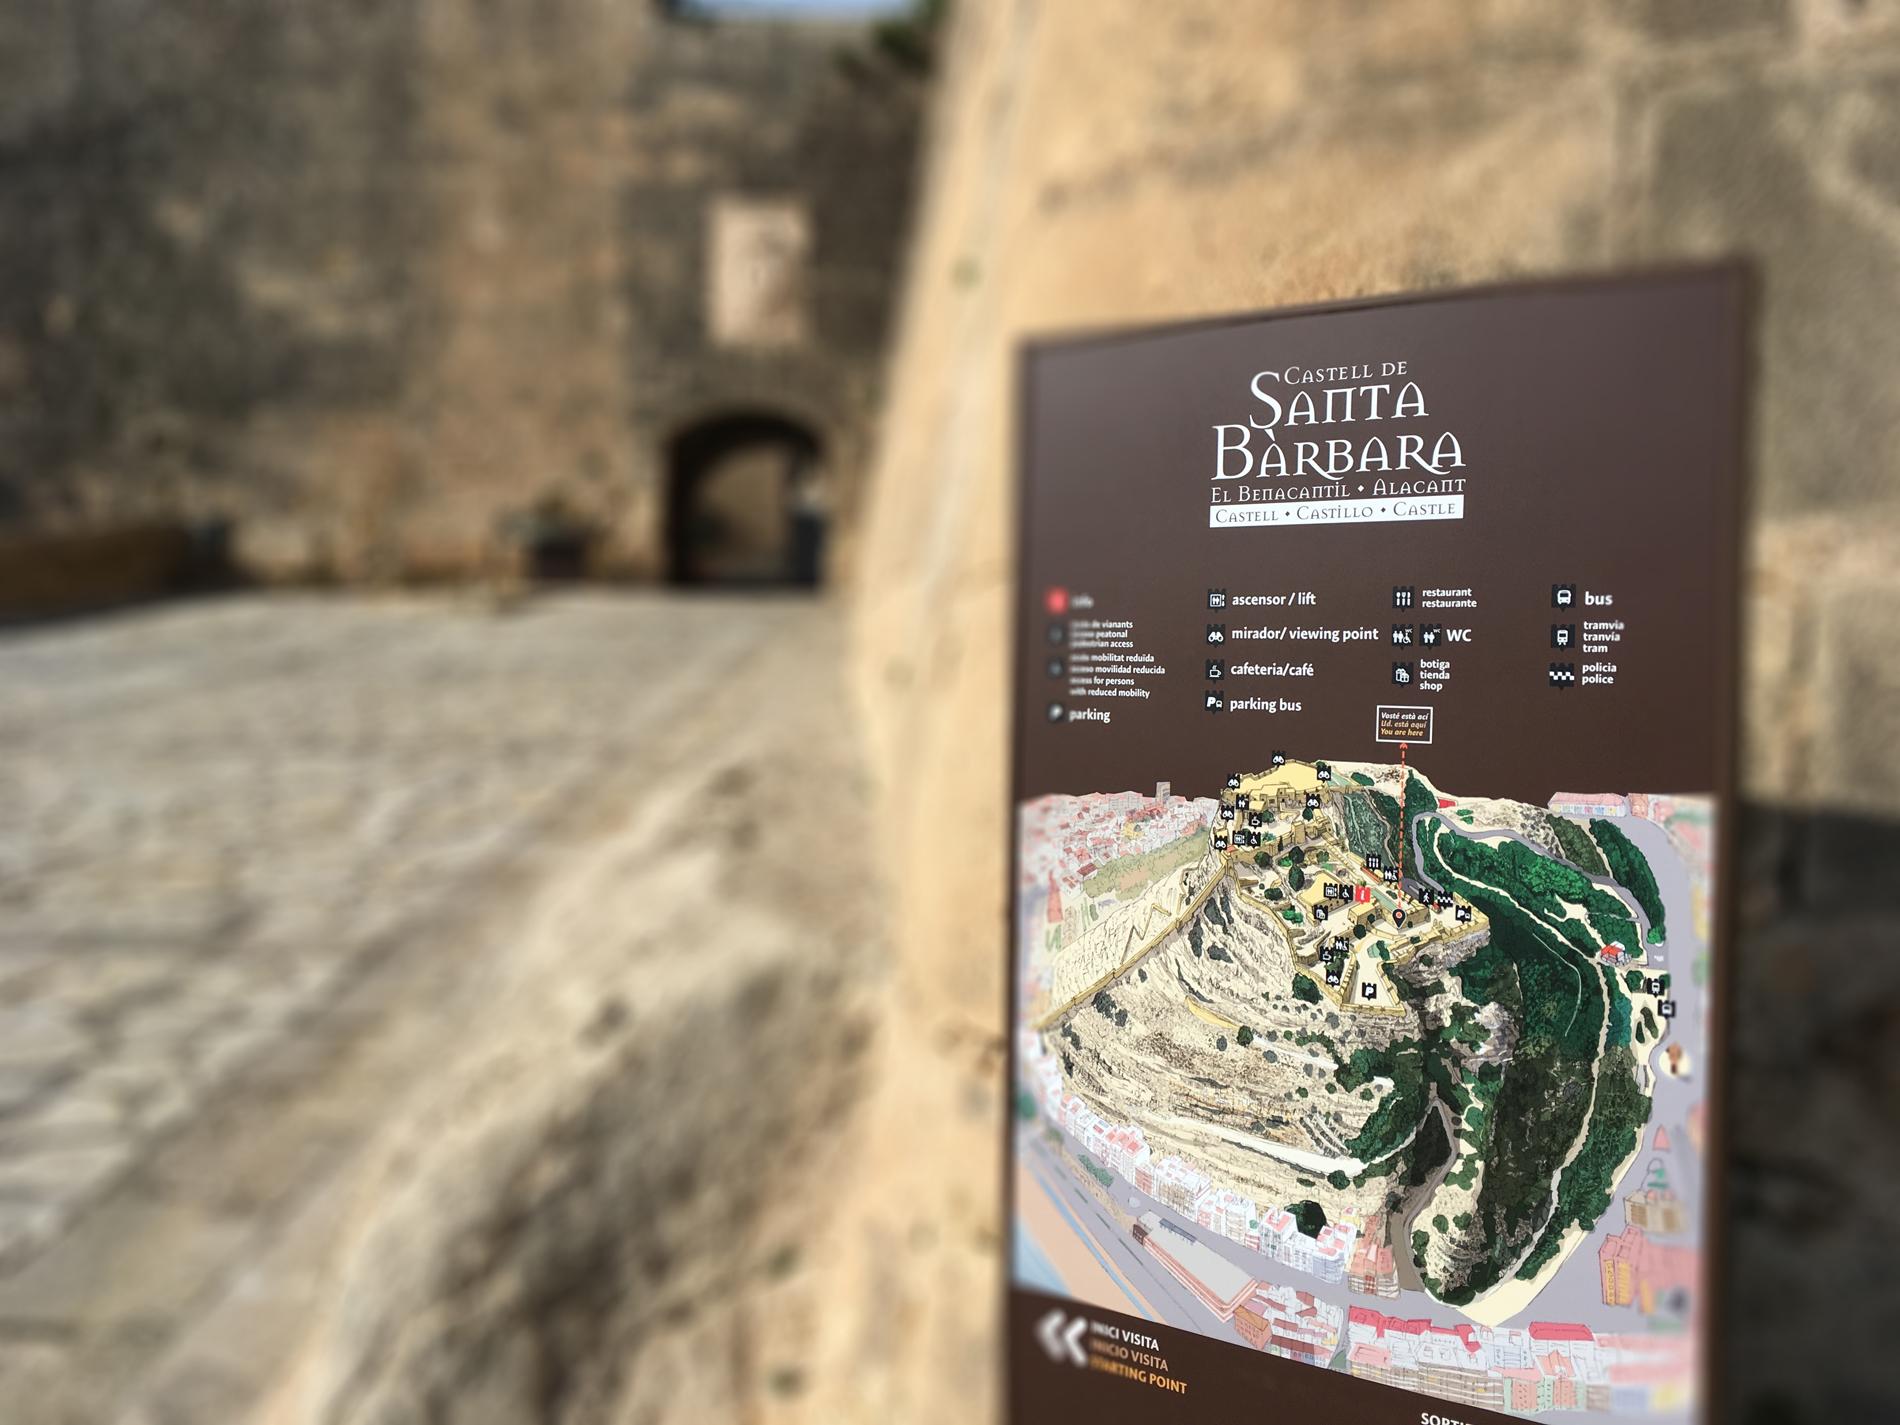 Totem de señáletica en la Fortaleza del Castillo de Santa Bárbara